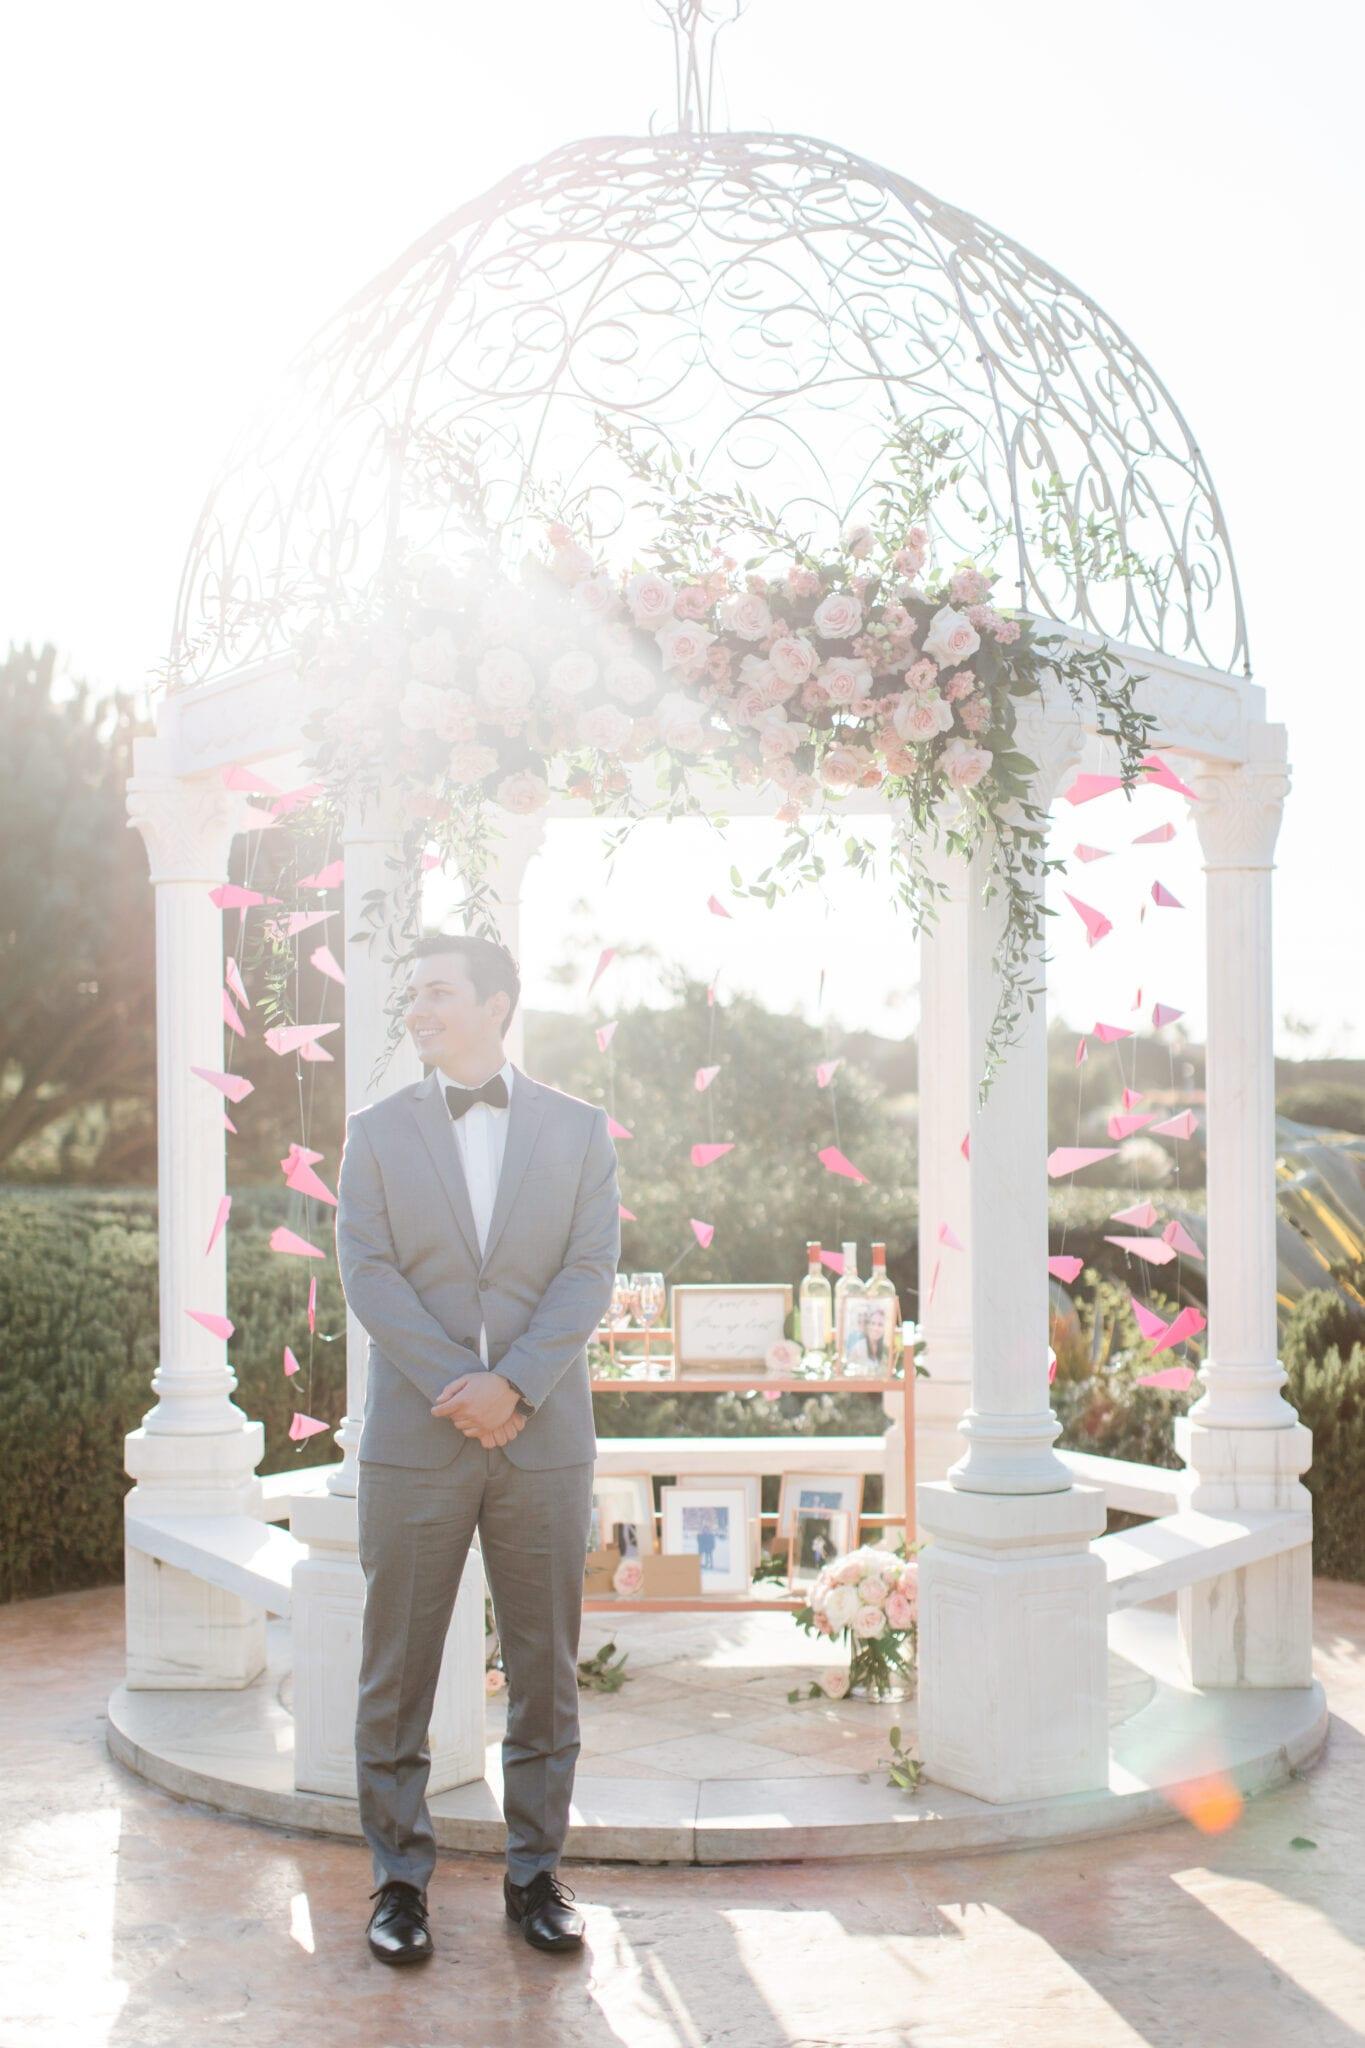 man waiting in front of wedding proposal gazebo